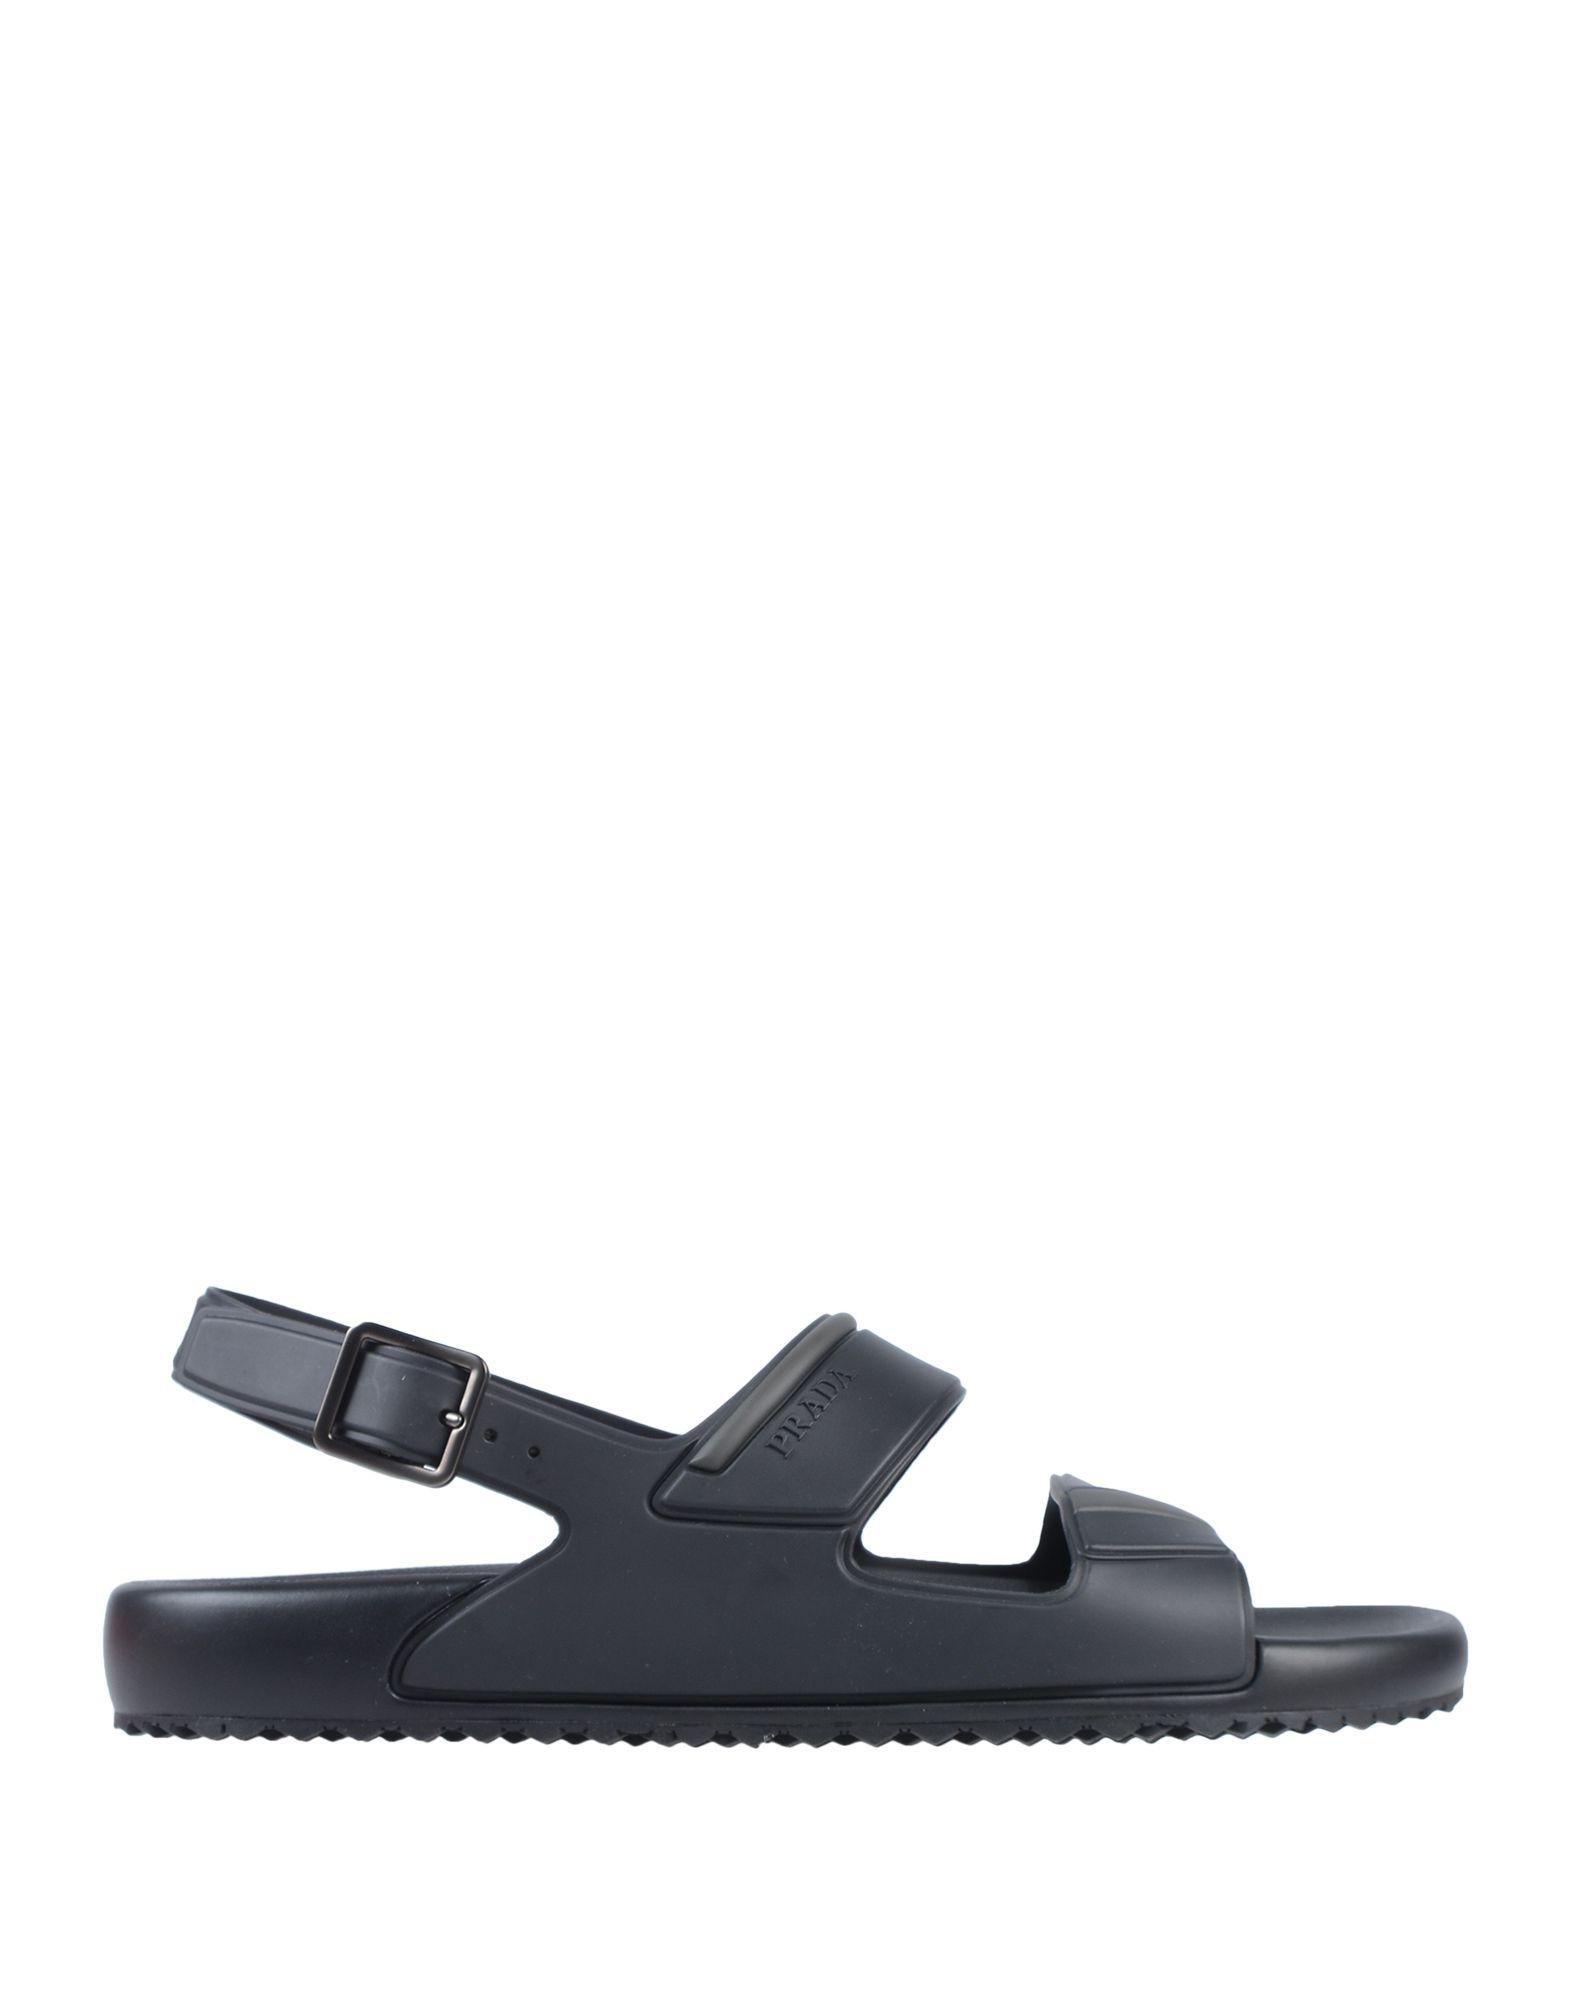 Lyst - Sandales Prada pour homme en coloris Noir ... 3dc8c16604f